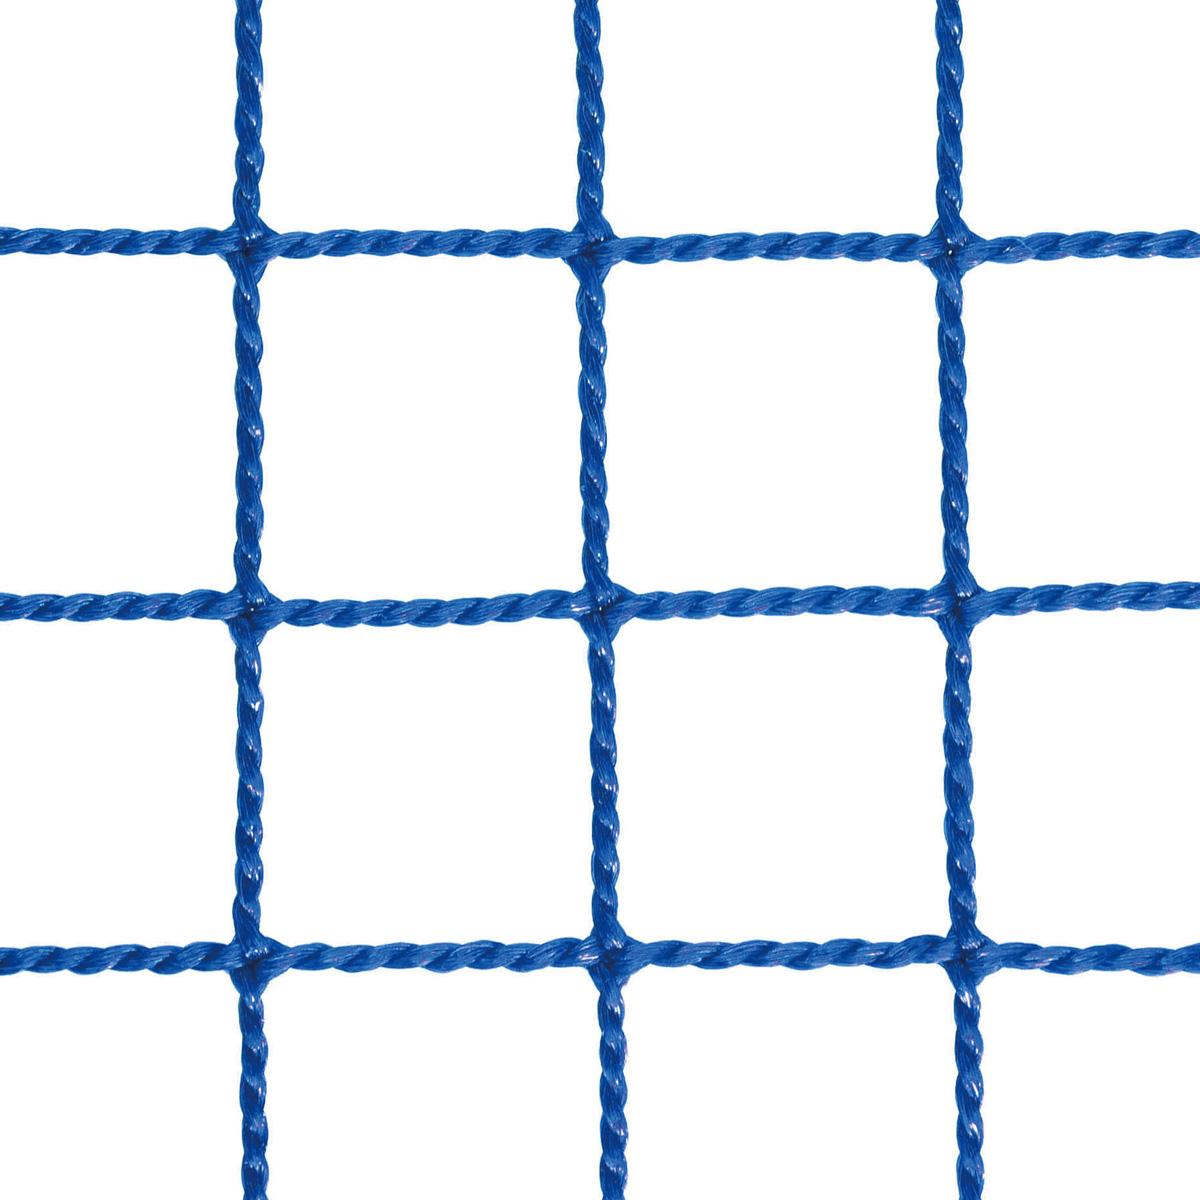 〈ヨリ線ネット25〉目合い:25mm カラー:ブルー